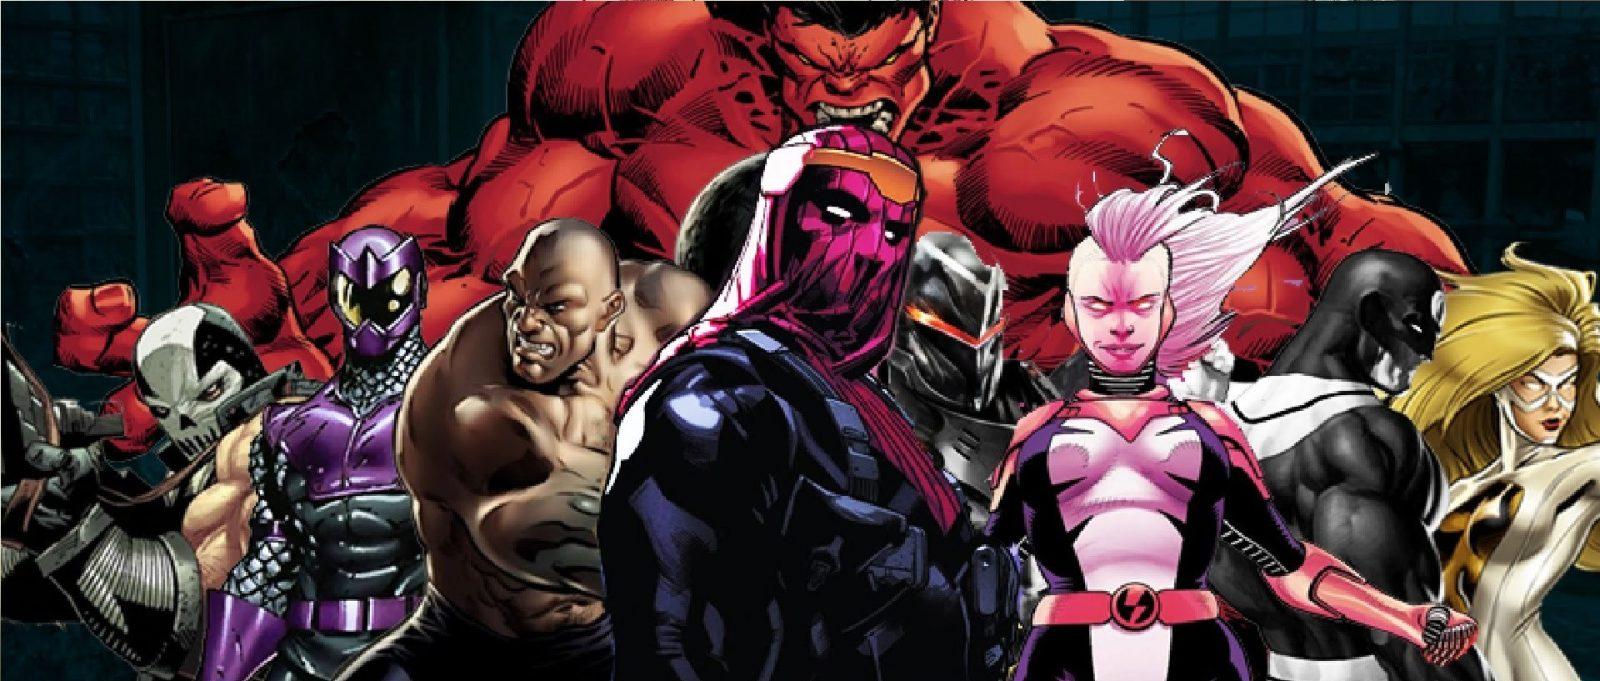 Команда суперзлодеев от Marvel может получить свой фильм